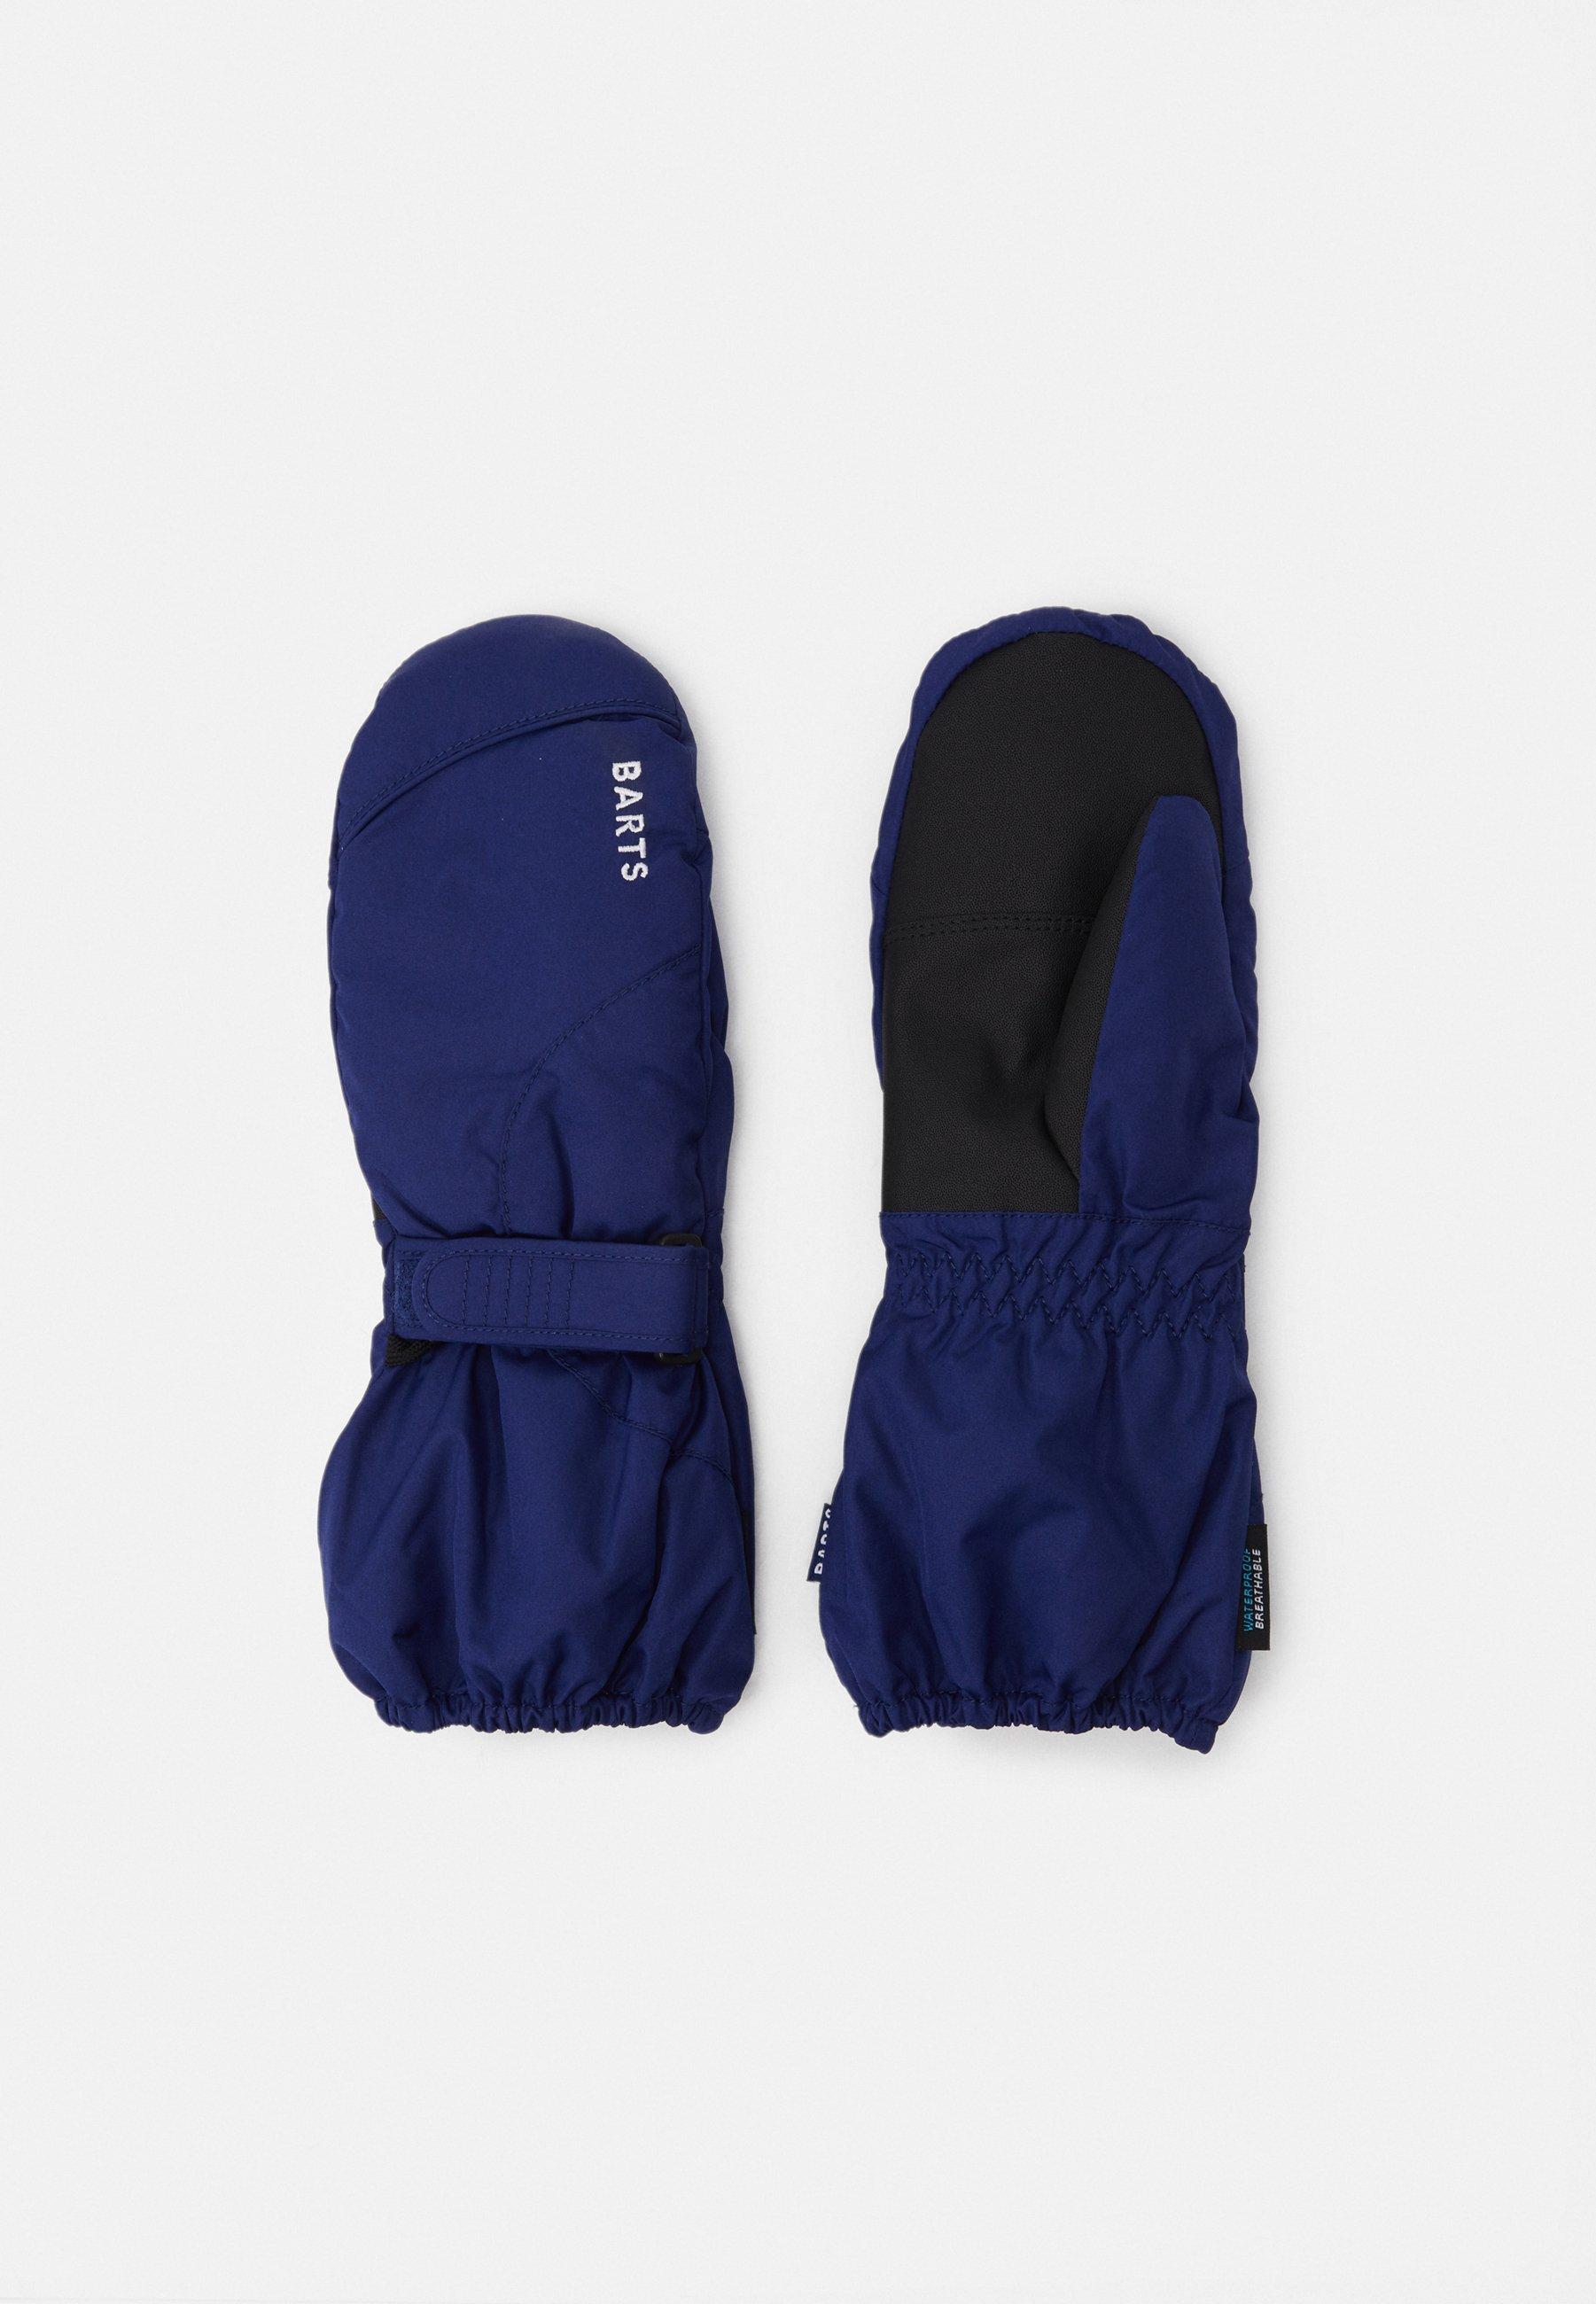 Kinder TEC MITTS UNISEX - Fingerhandschuh